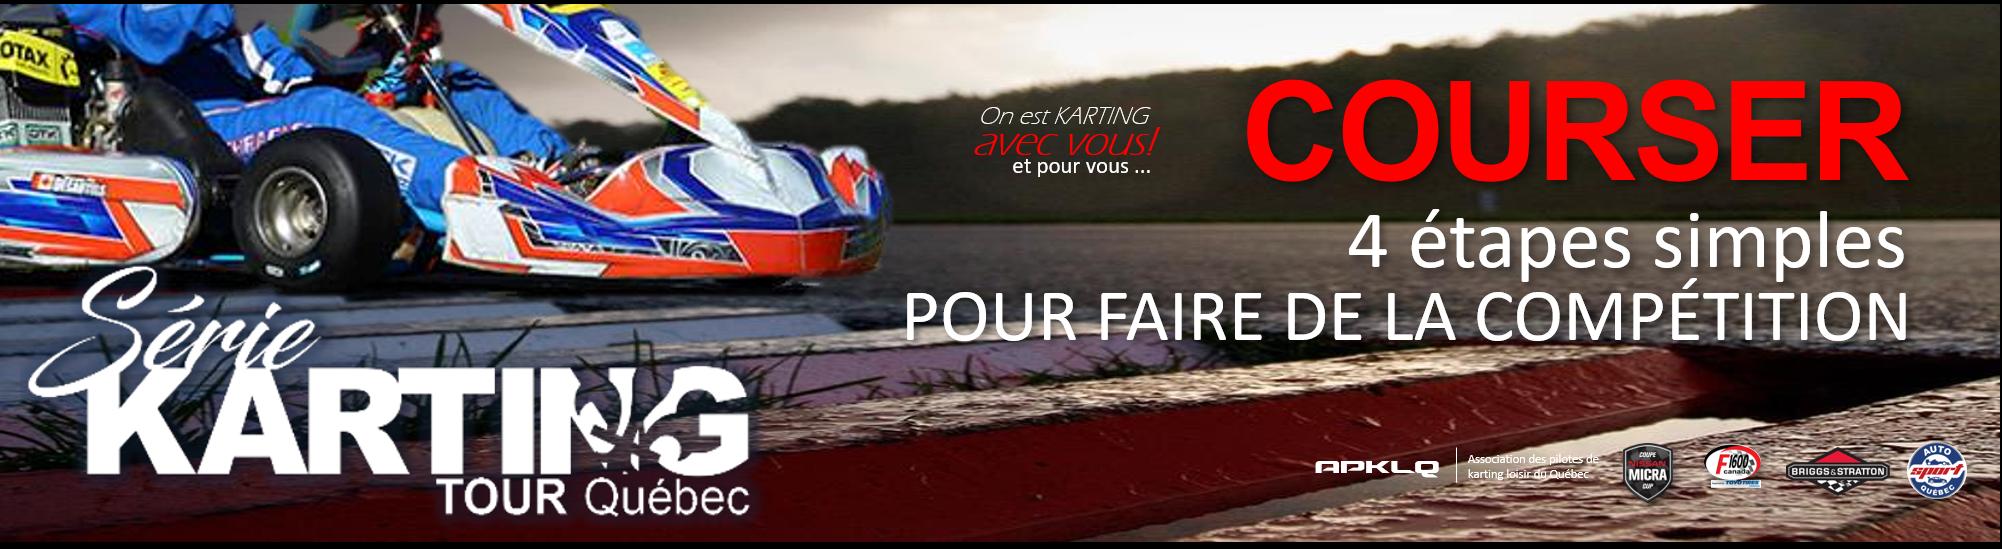 4 étapes simples pour compétitionner en karting